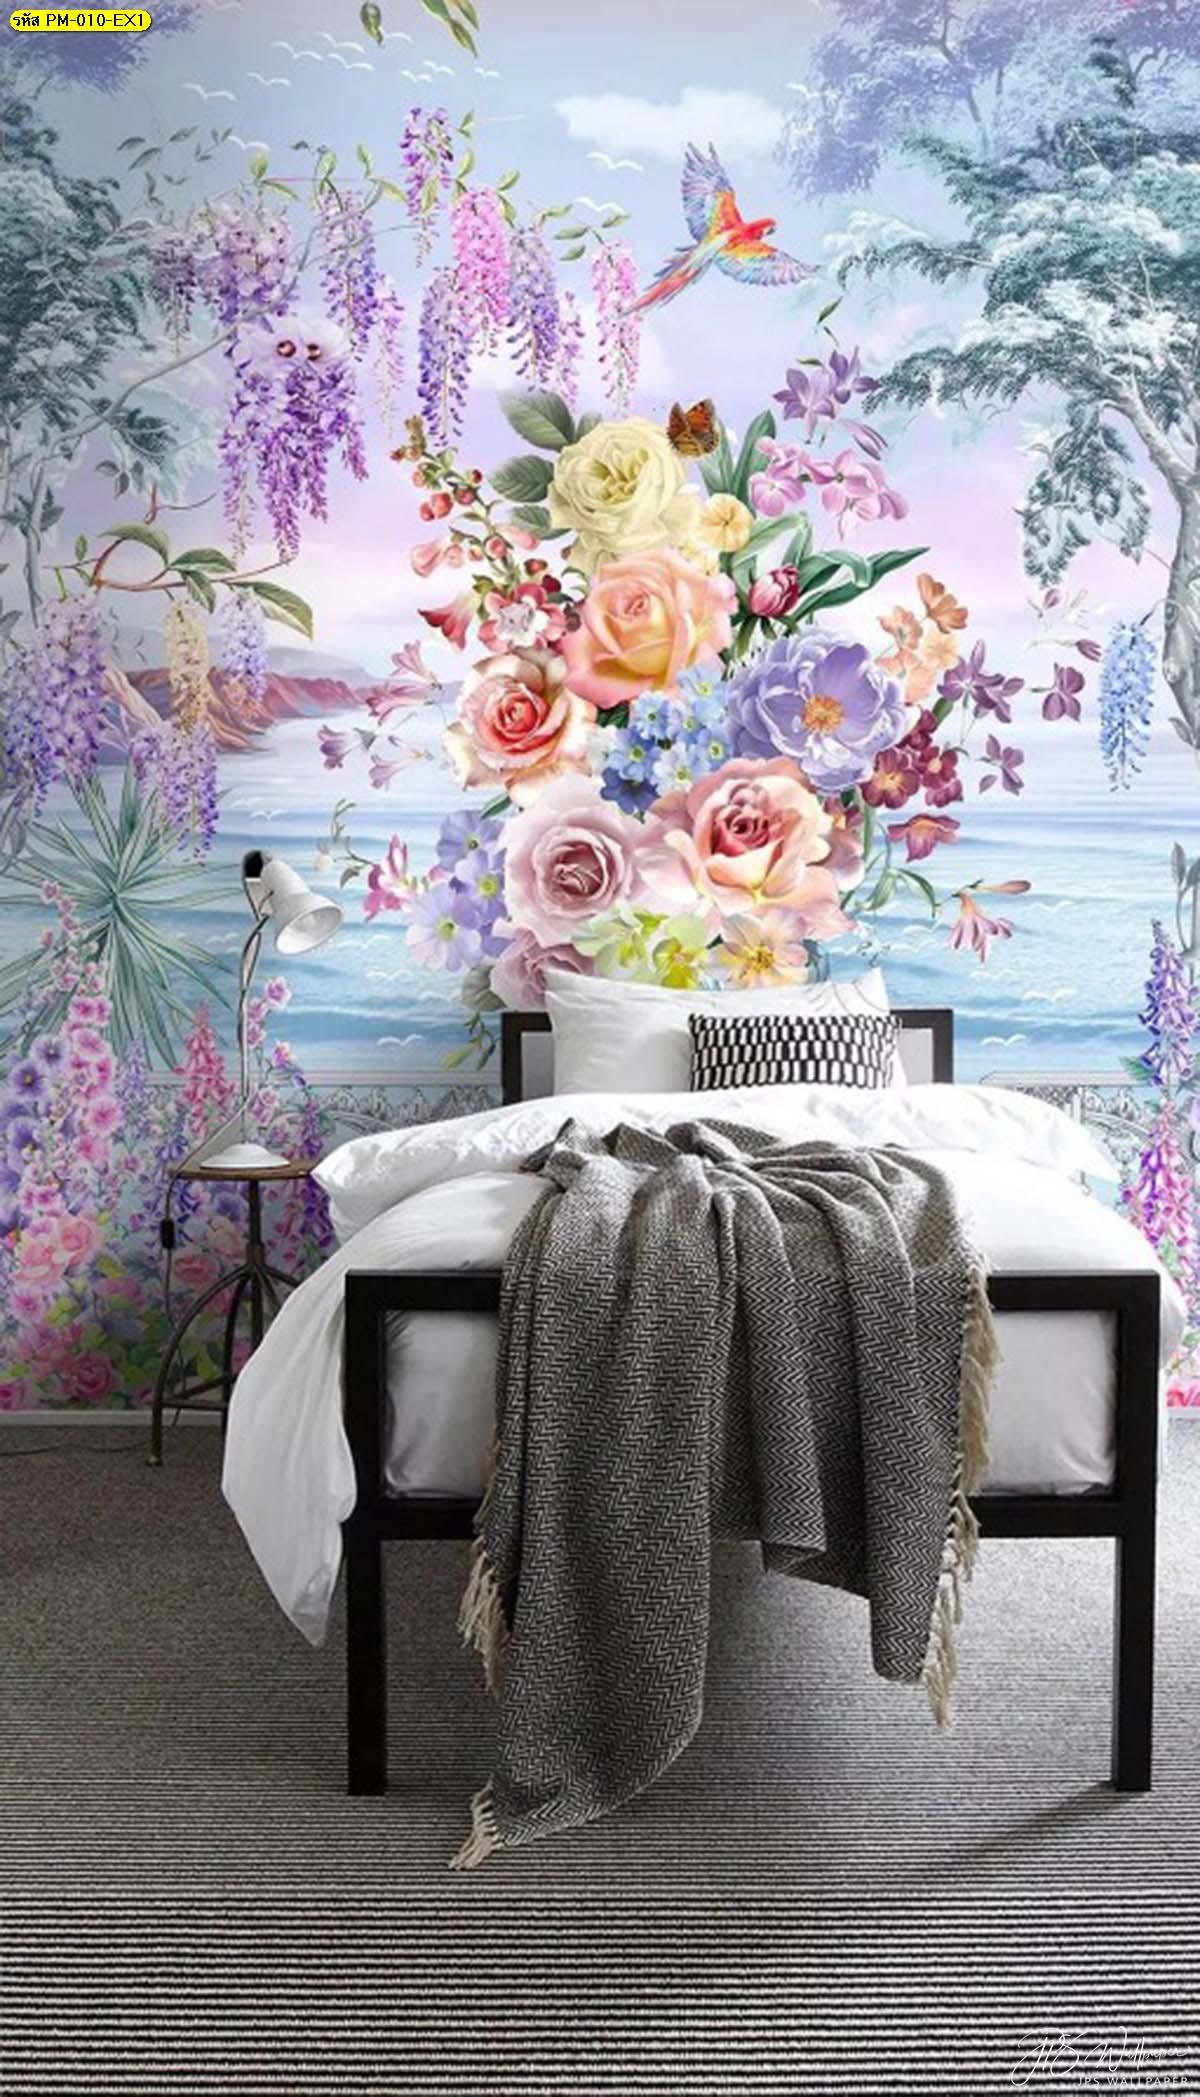 วอลเปเปอร์ติดห้องนอนพรีเมี่ยมลายสวนดอกไม้ริมทะเลสีม่วง ภาพพิมพ์ติดผนังขนาดใหญ่